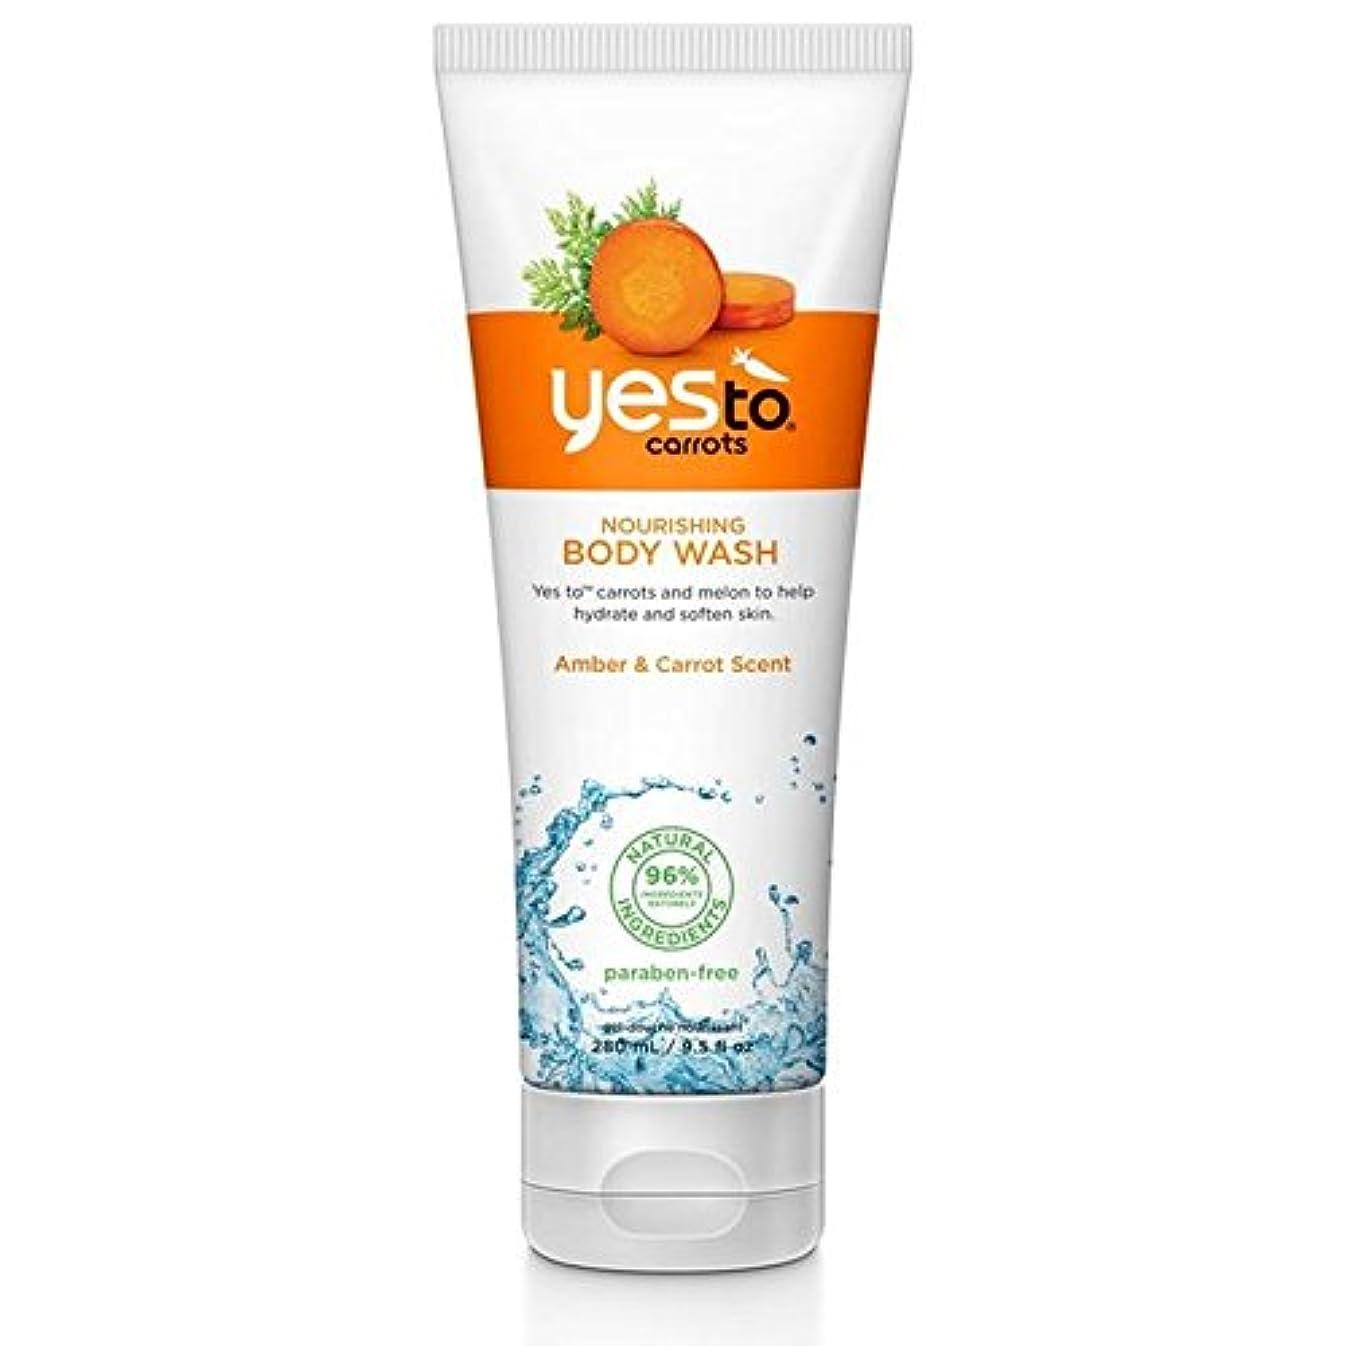 忘れっぽいシェルター植物学Yes To Carrots Nourishing Body Wash 280ml - はいボディウォッシュ280ミリリットル栄養ニンジンへ [並行輸入品]